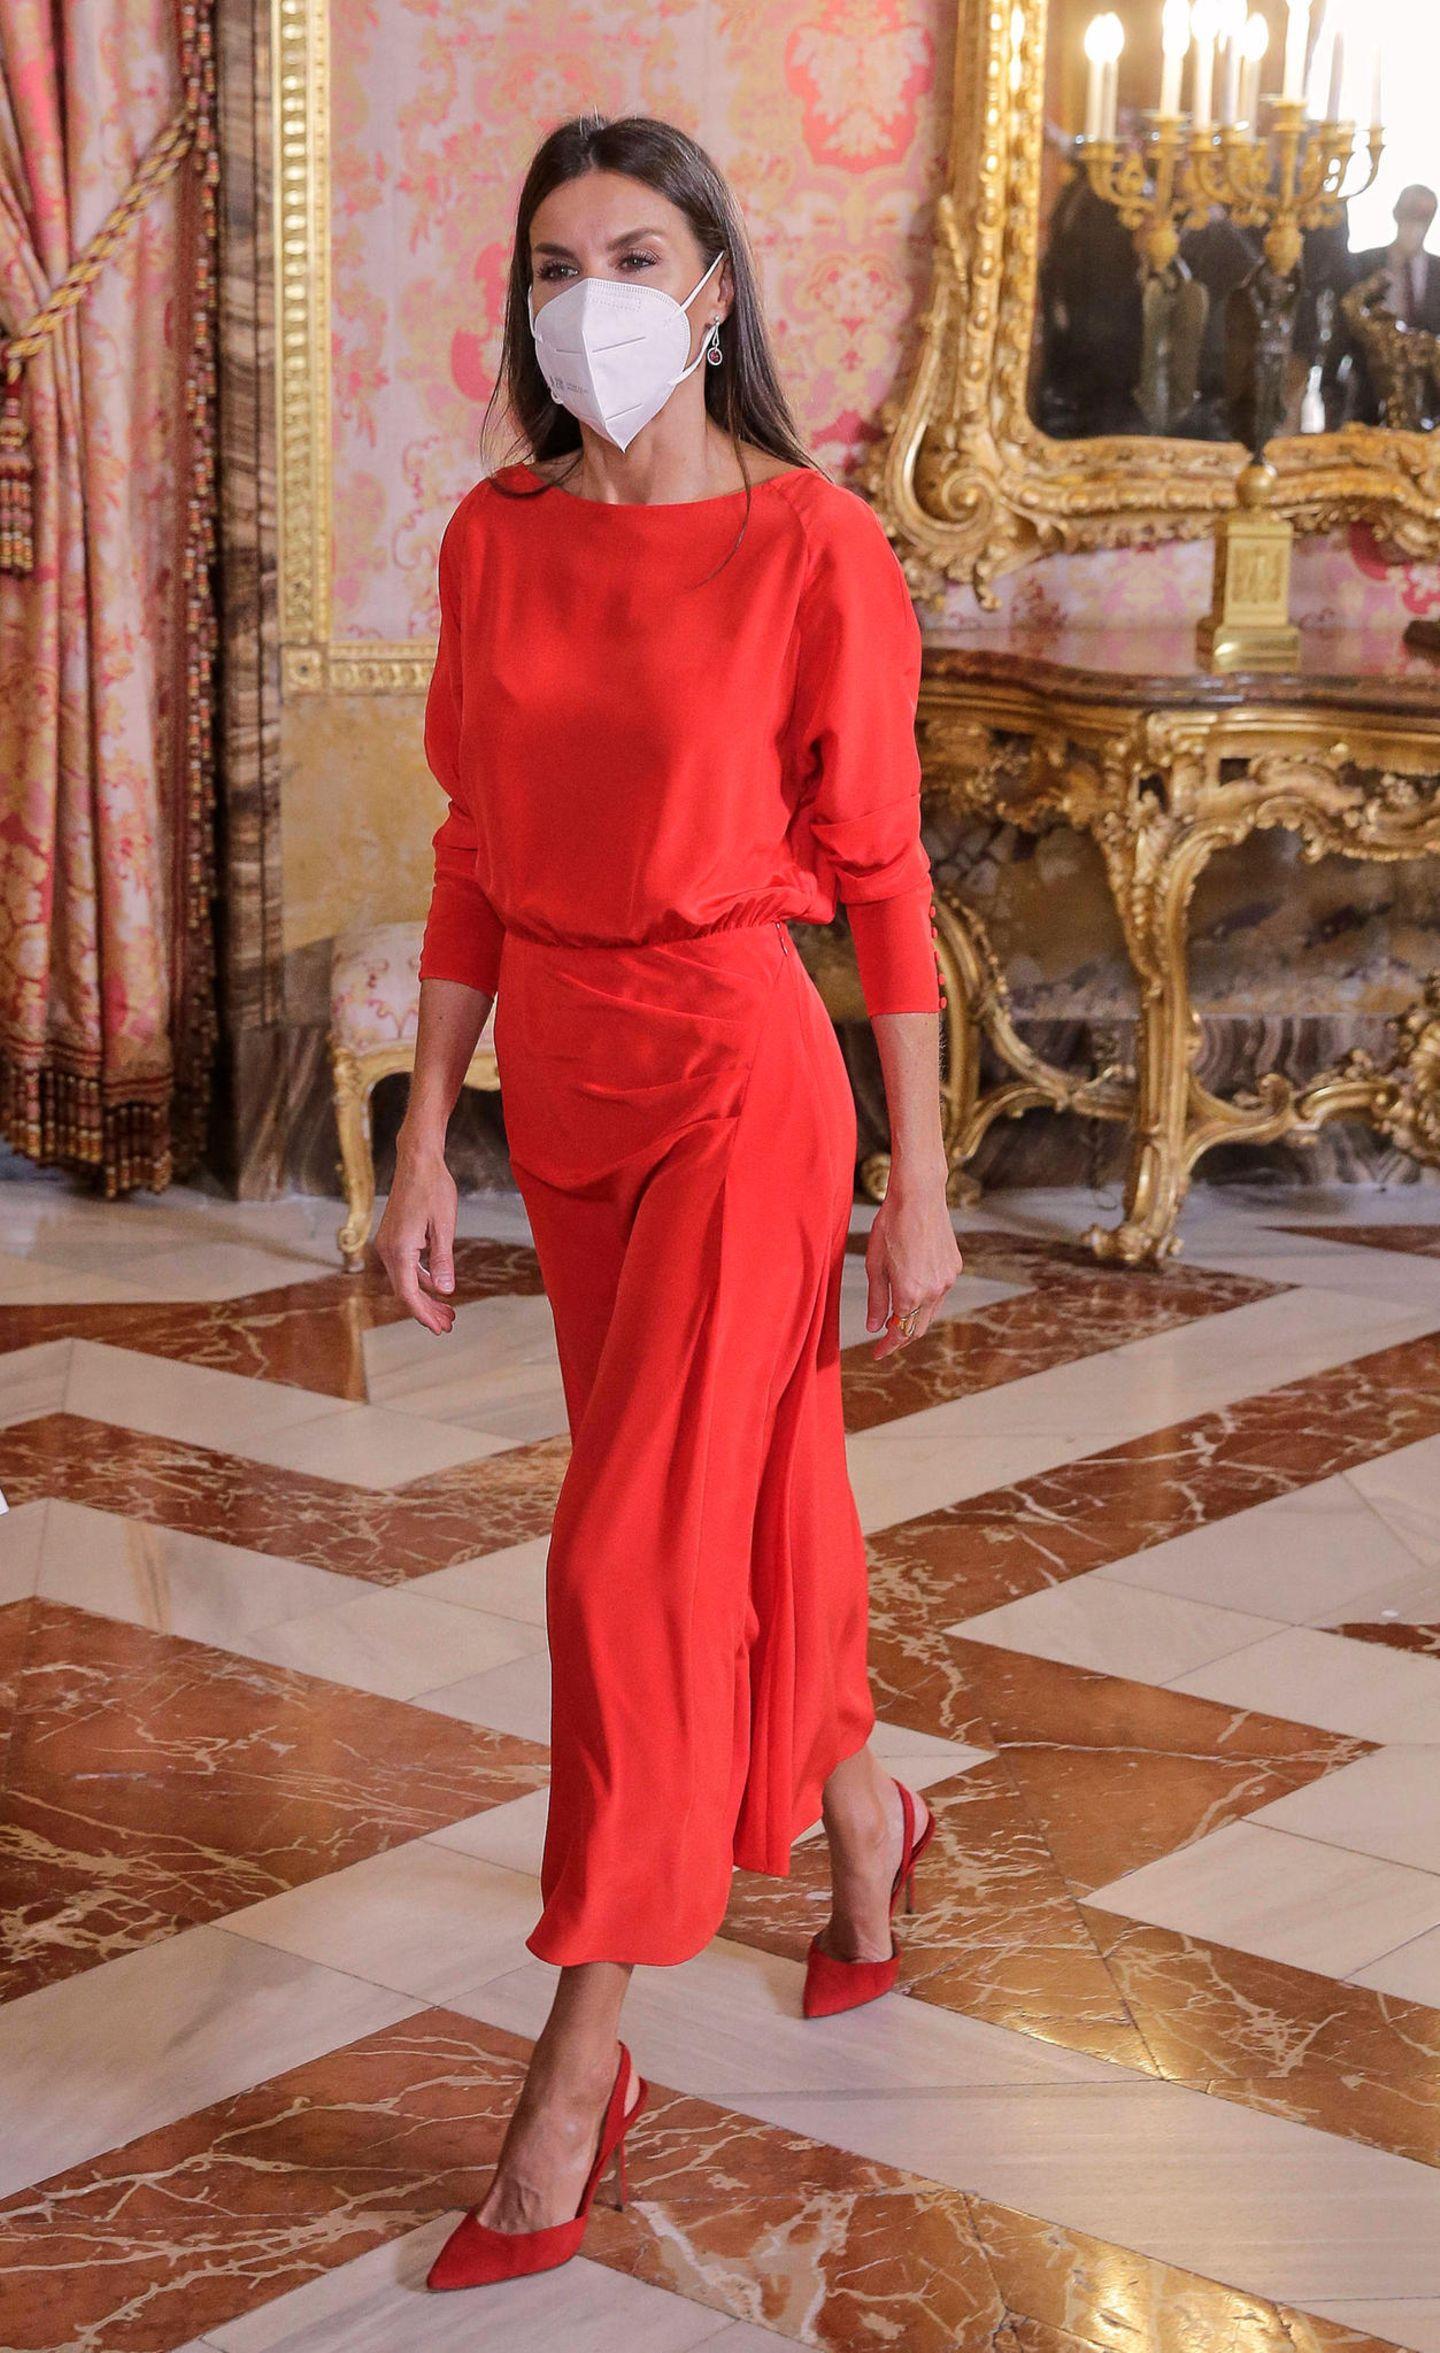 Königin Letizia trägt ein rotes Outfit